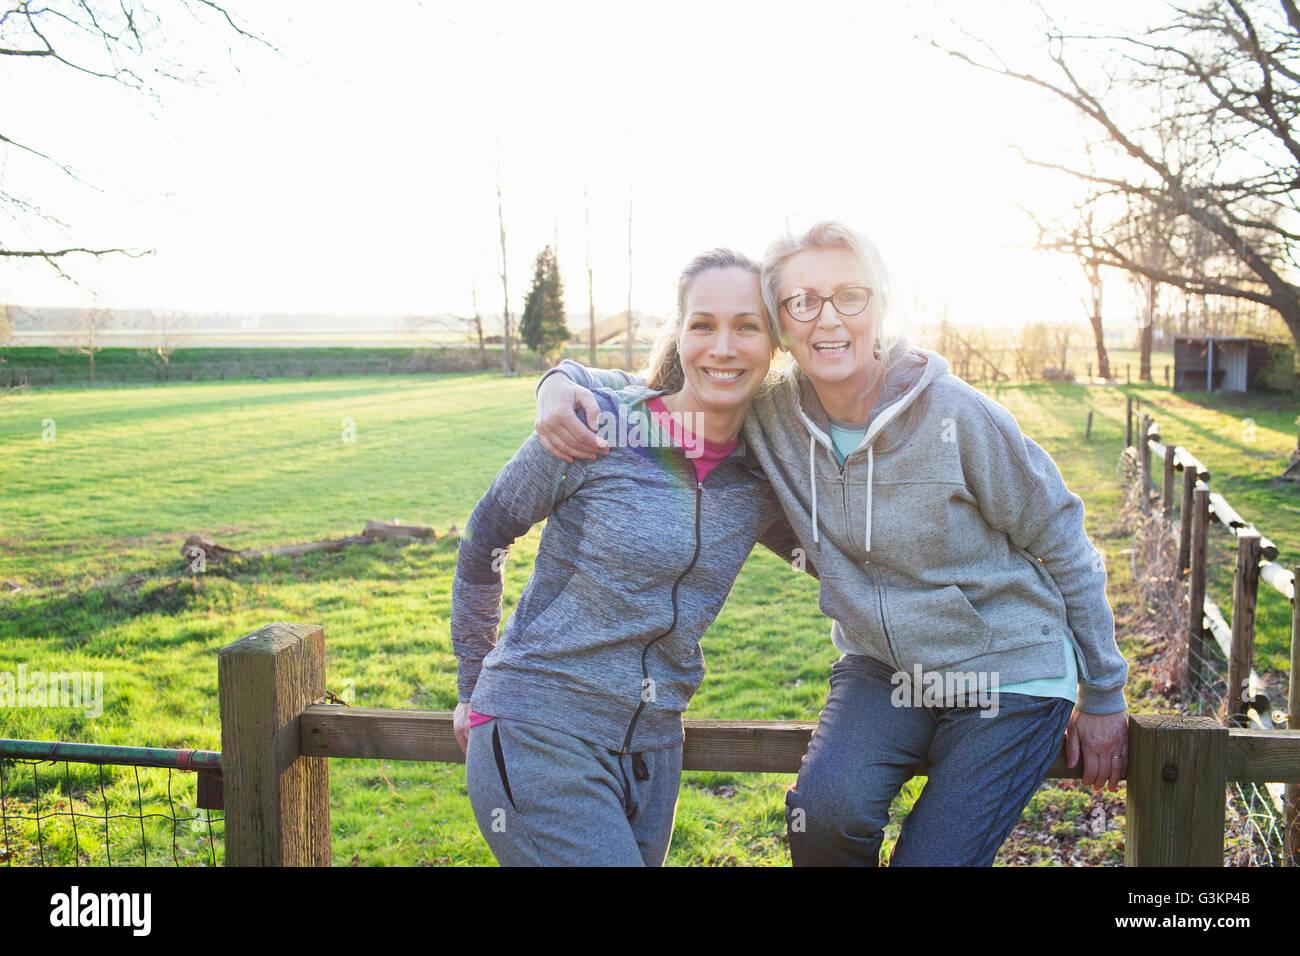 Las mujeres vestidas con ropa deportiva inclinada contra valla mirando a la cámara abrazarse y sonriente Imagen De Stock